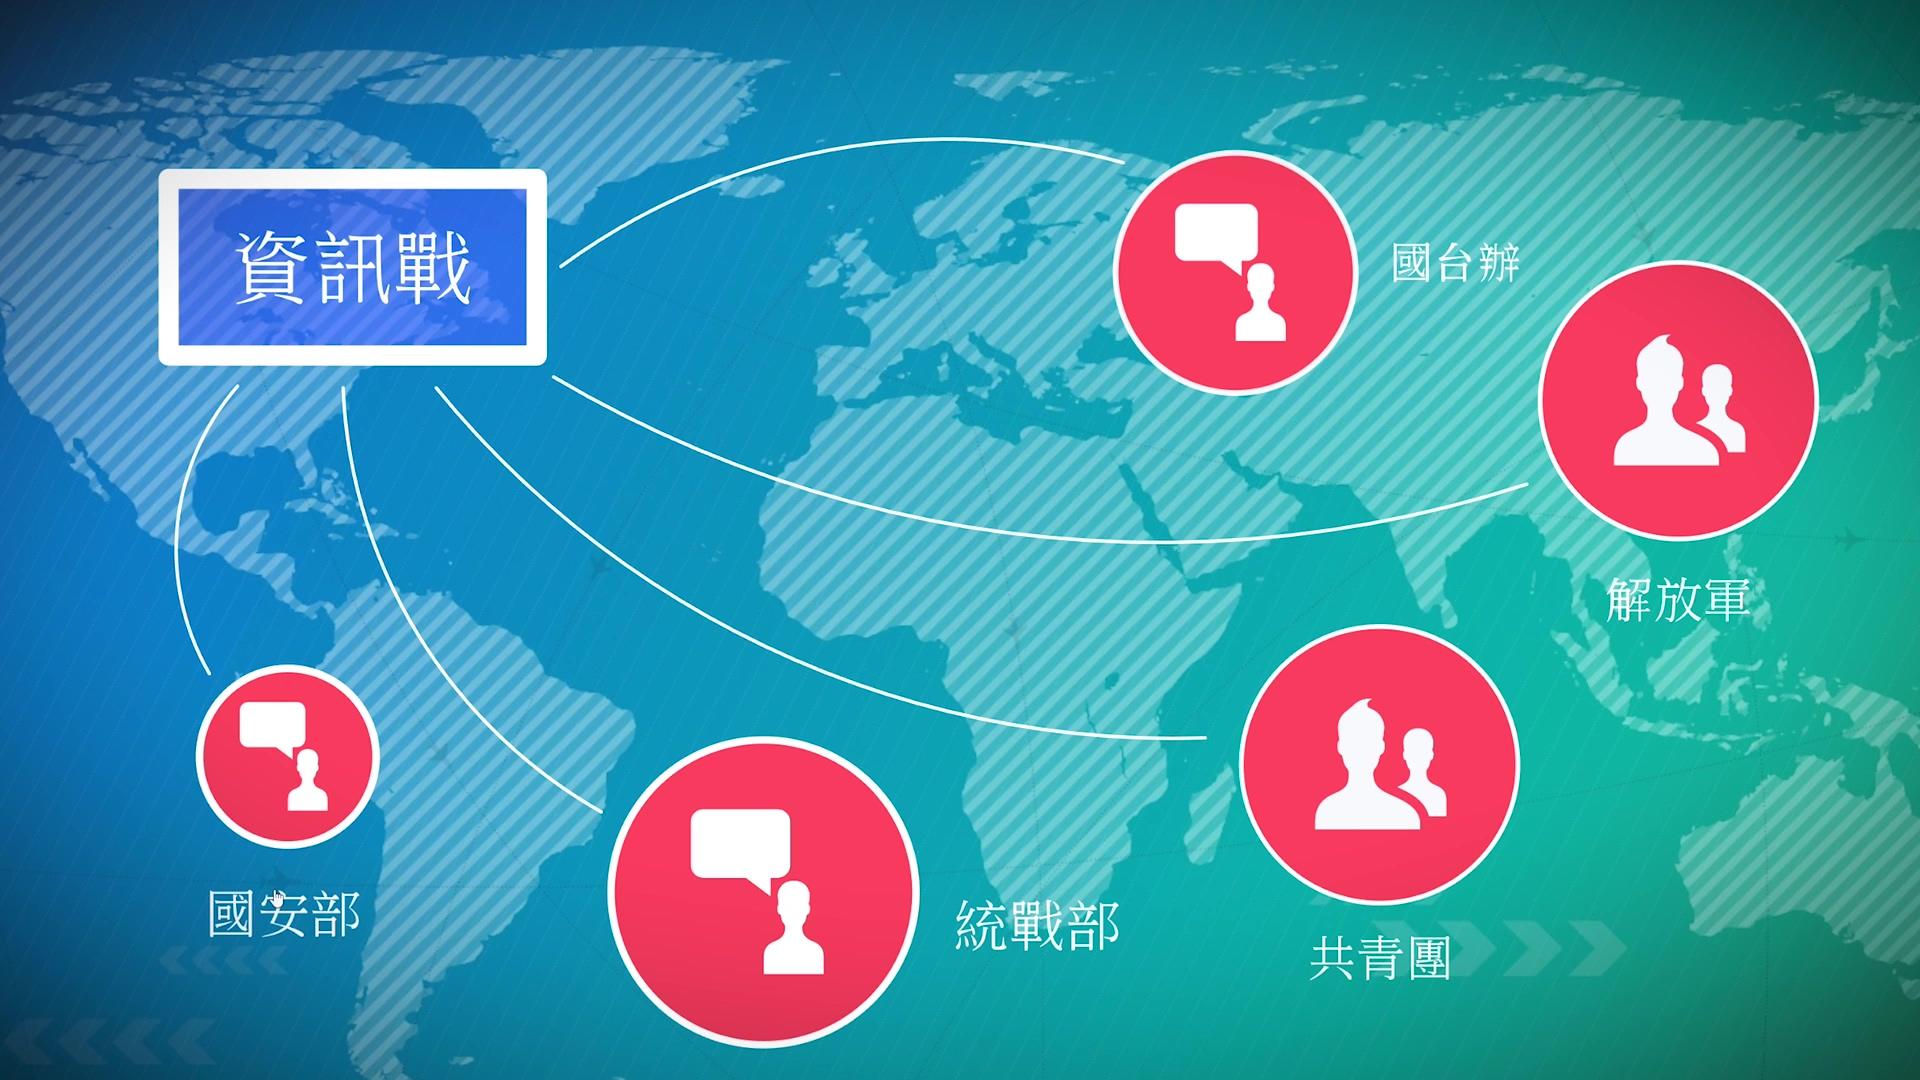 沈伯洋解析中共對台灣資訊戰的五種線路